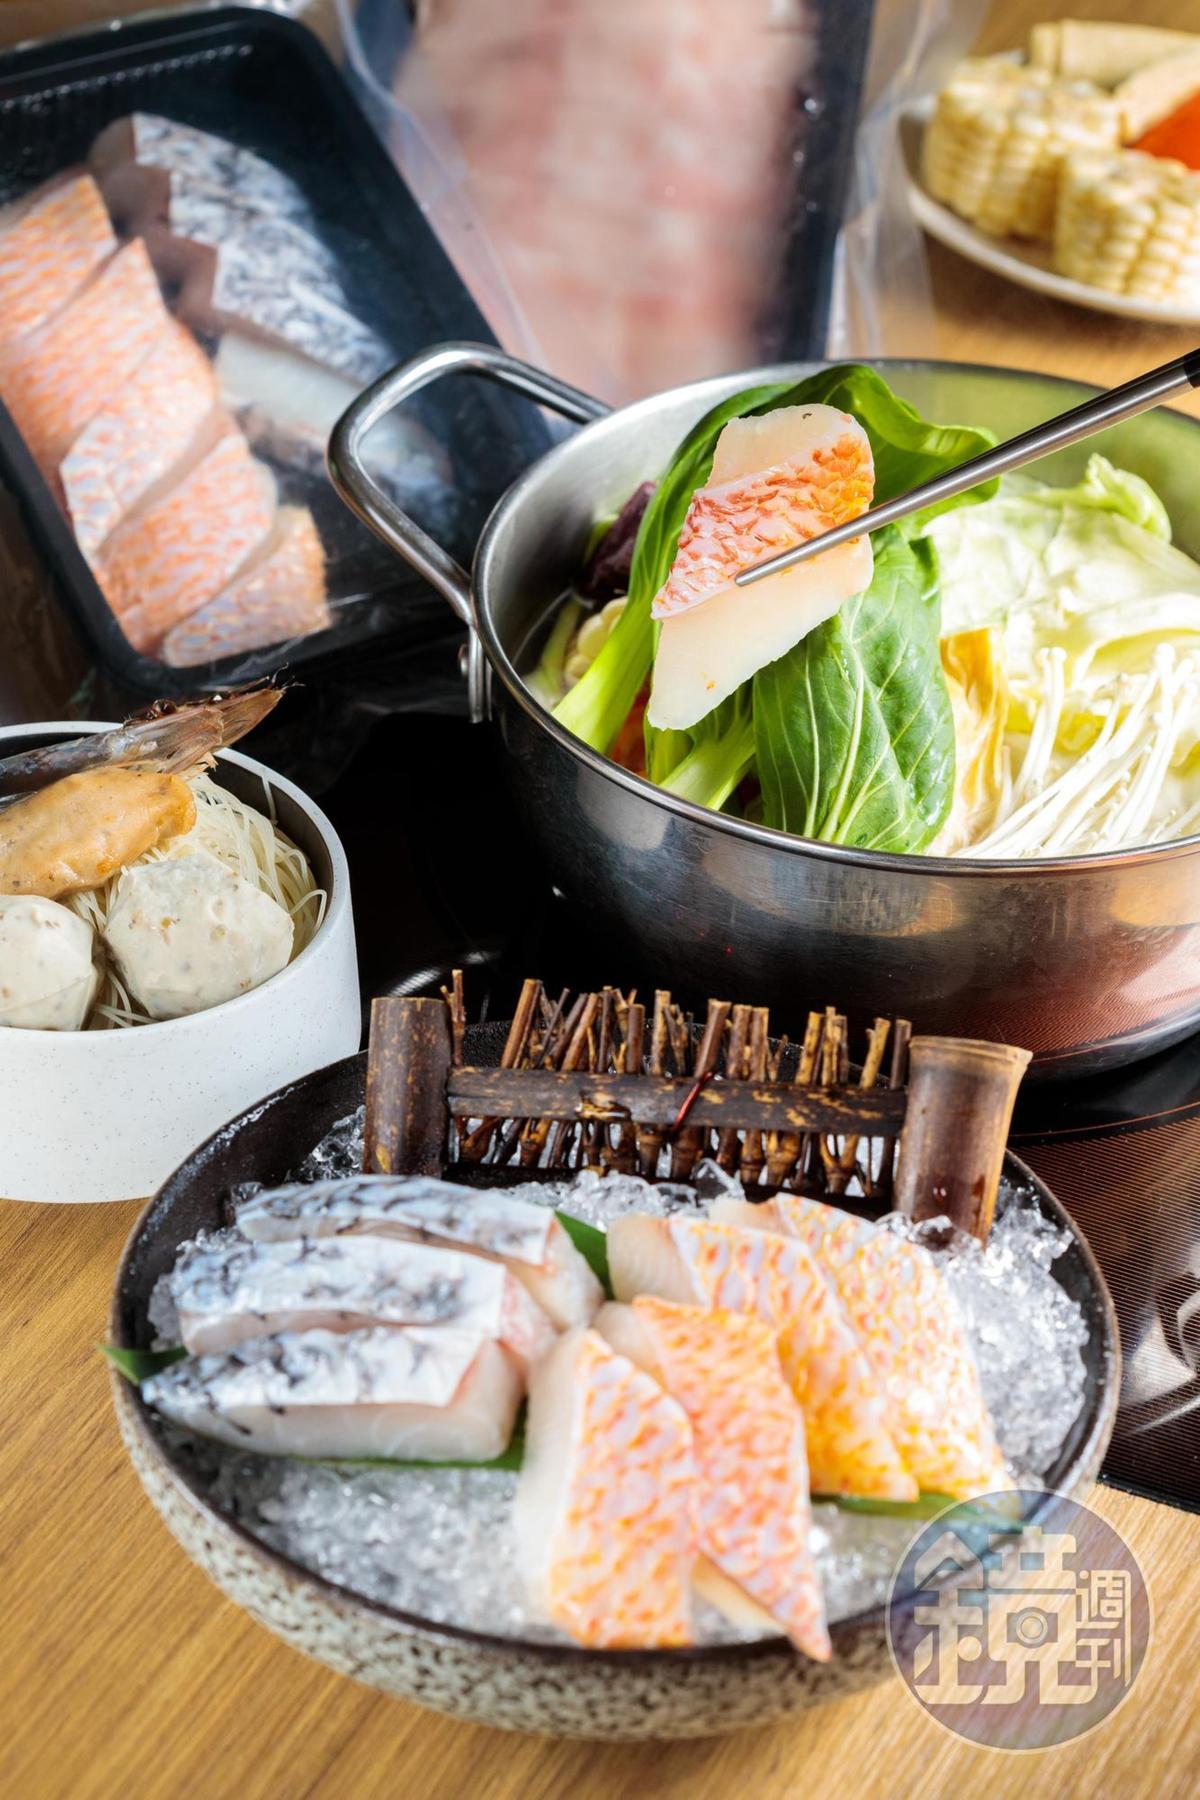 「鱻食火鍋個人外帶組」除了海紅鯛與金目鱸的海鮮主餐,也可選擇肉片或海陸。湯底有昆布、薑黃咖哩、酸白菜等口味,主食附上褐藻炊粉,飽足又健康。(349元/套)